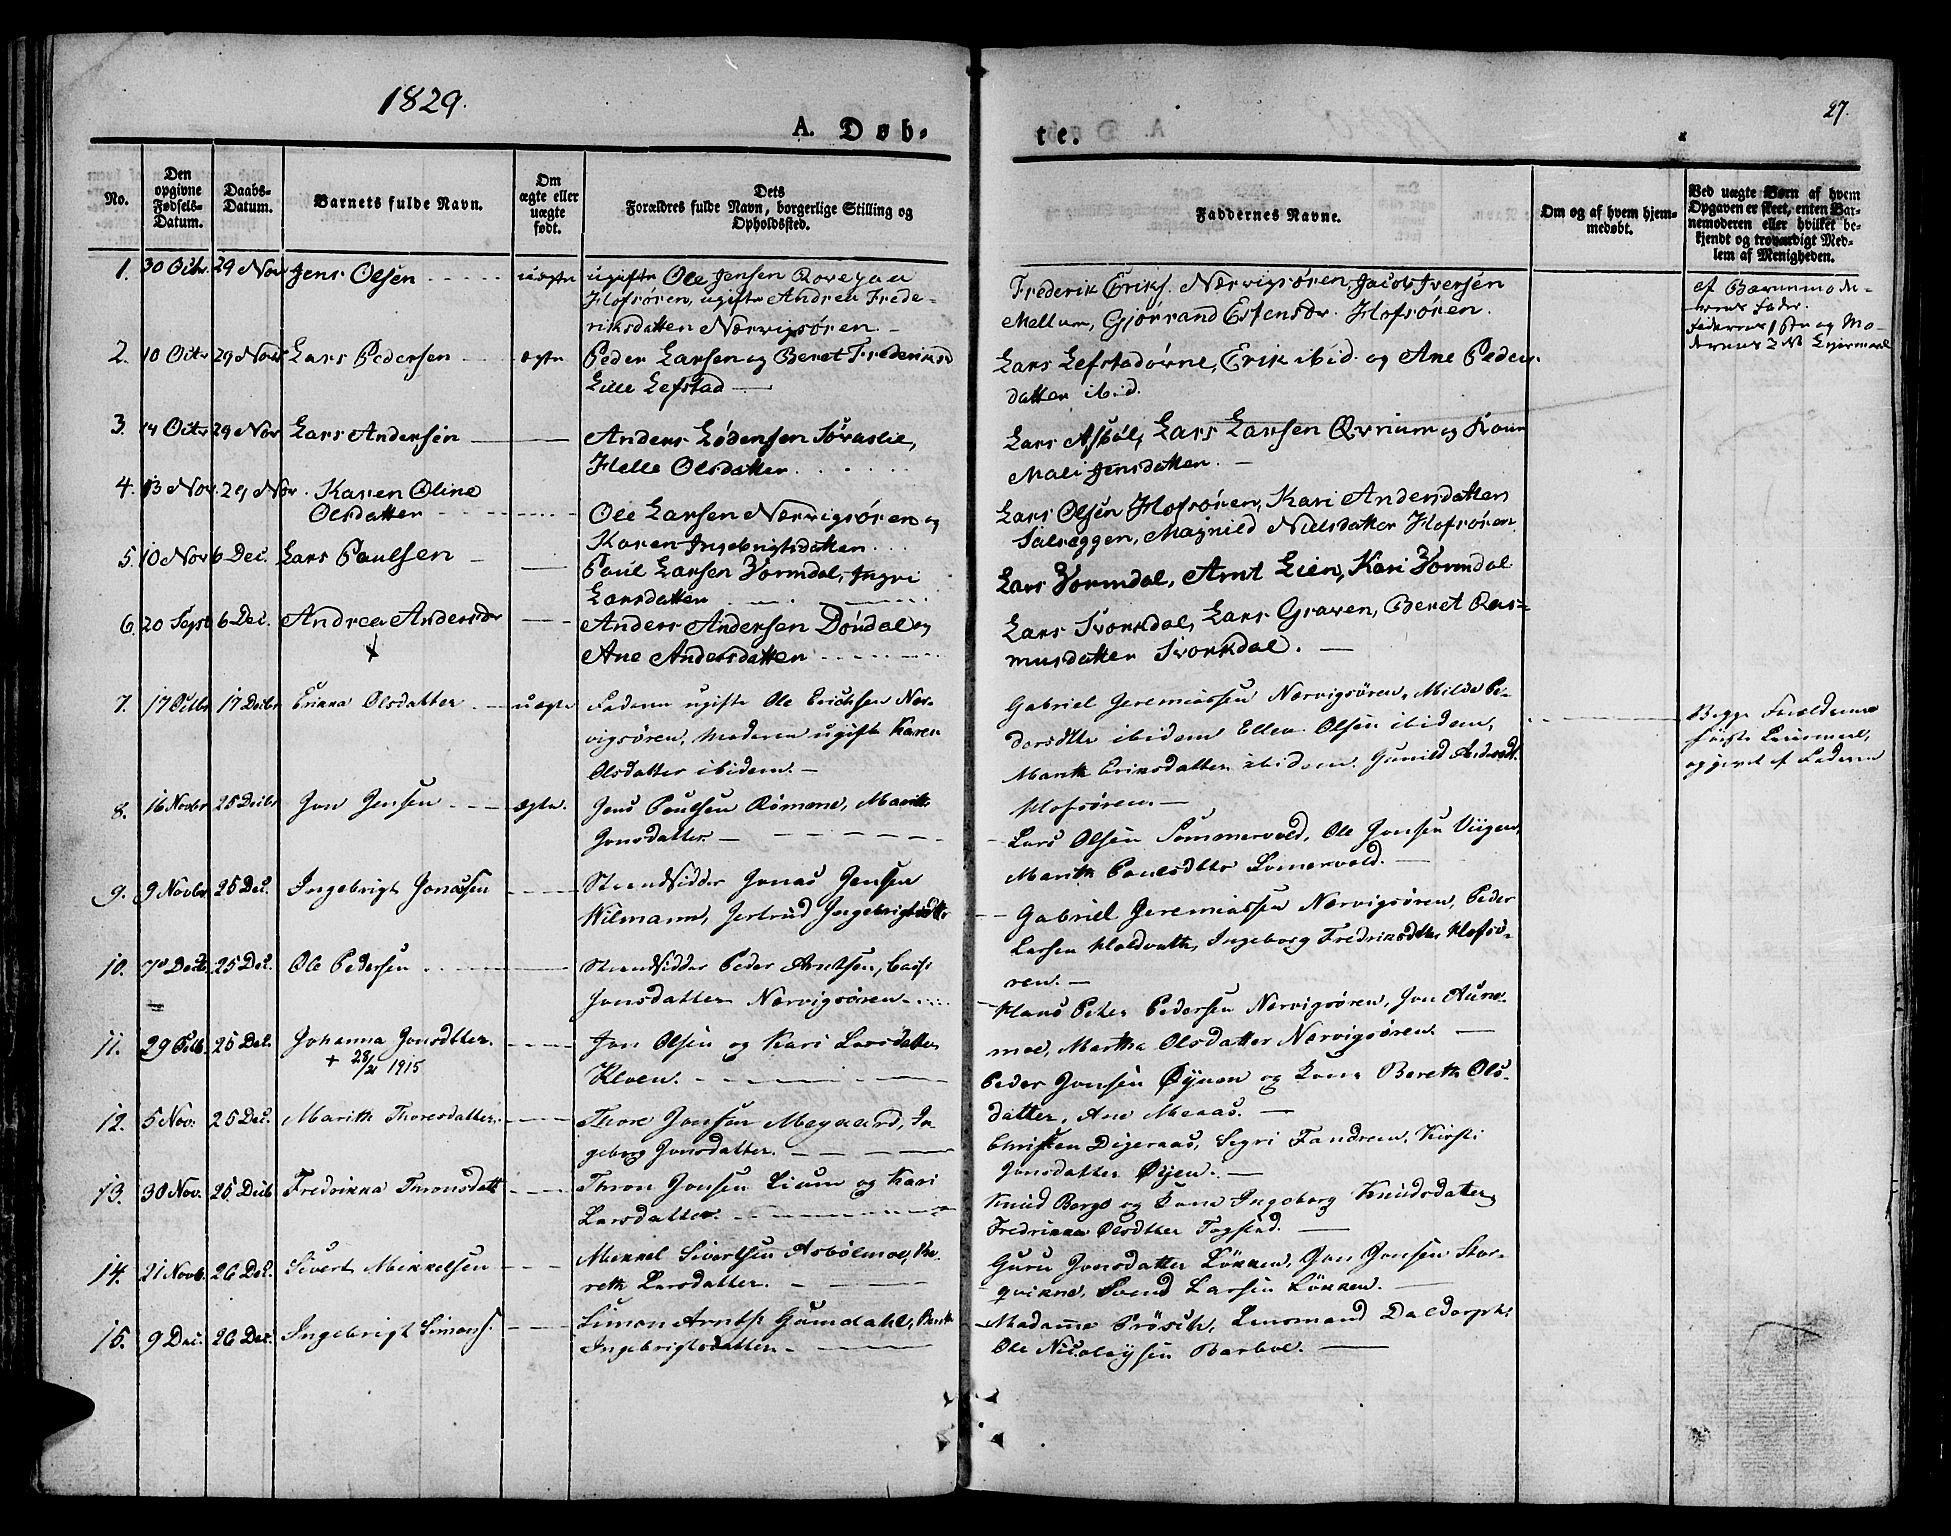 SAT, Ministerialprotokoller, klokkerbøker og fødselsregistre - Sør-Trøndelag, 668/L0804: Ministerialbok nr. 668A04, 1826-1839, s. 27